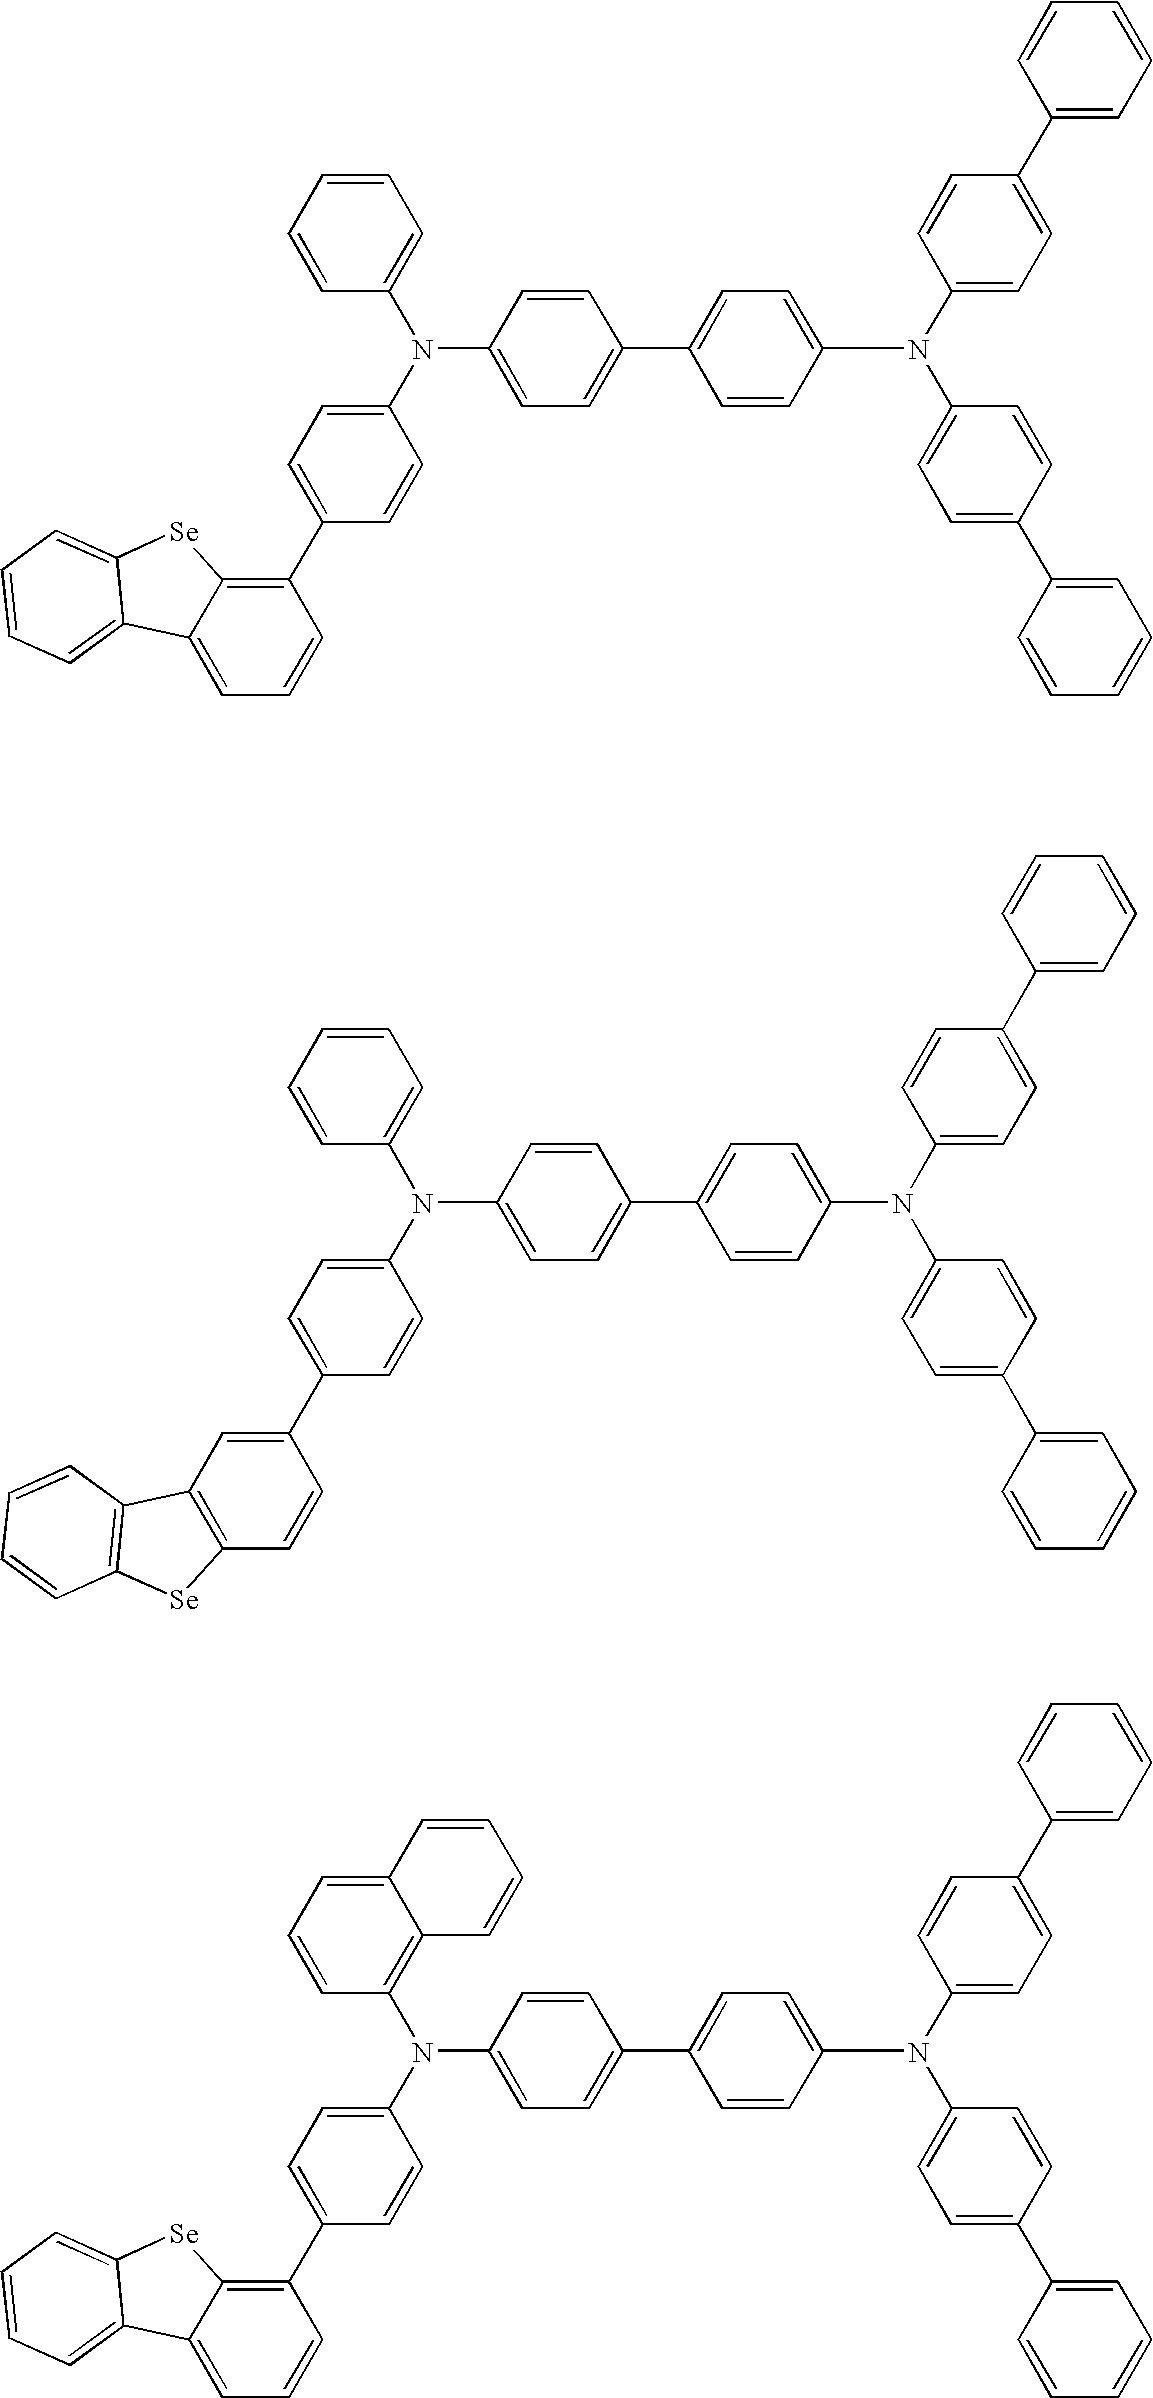 Figure US20100072887A1-20100325-C00208